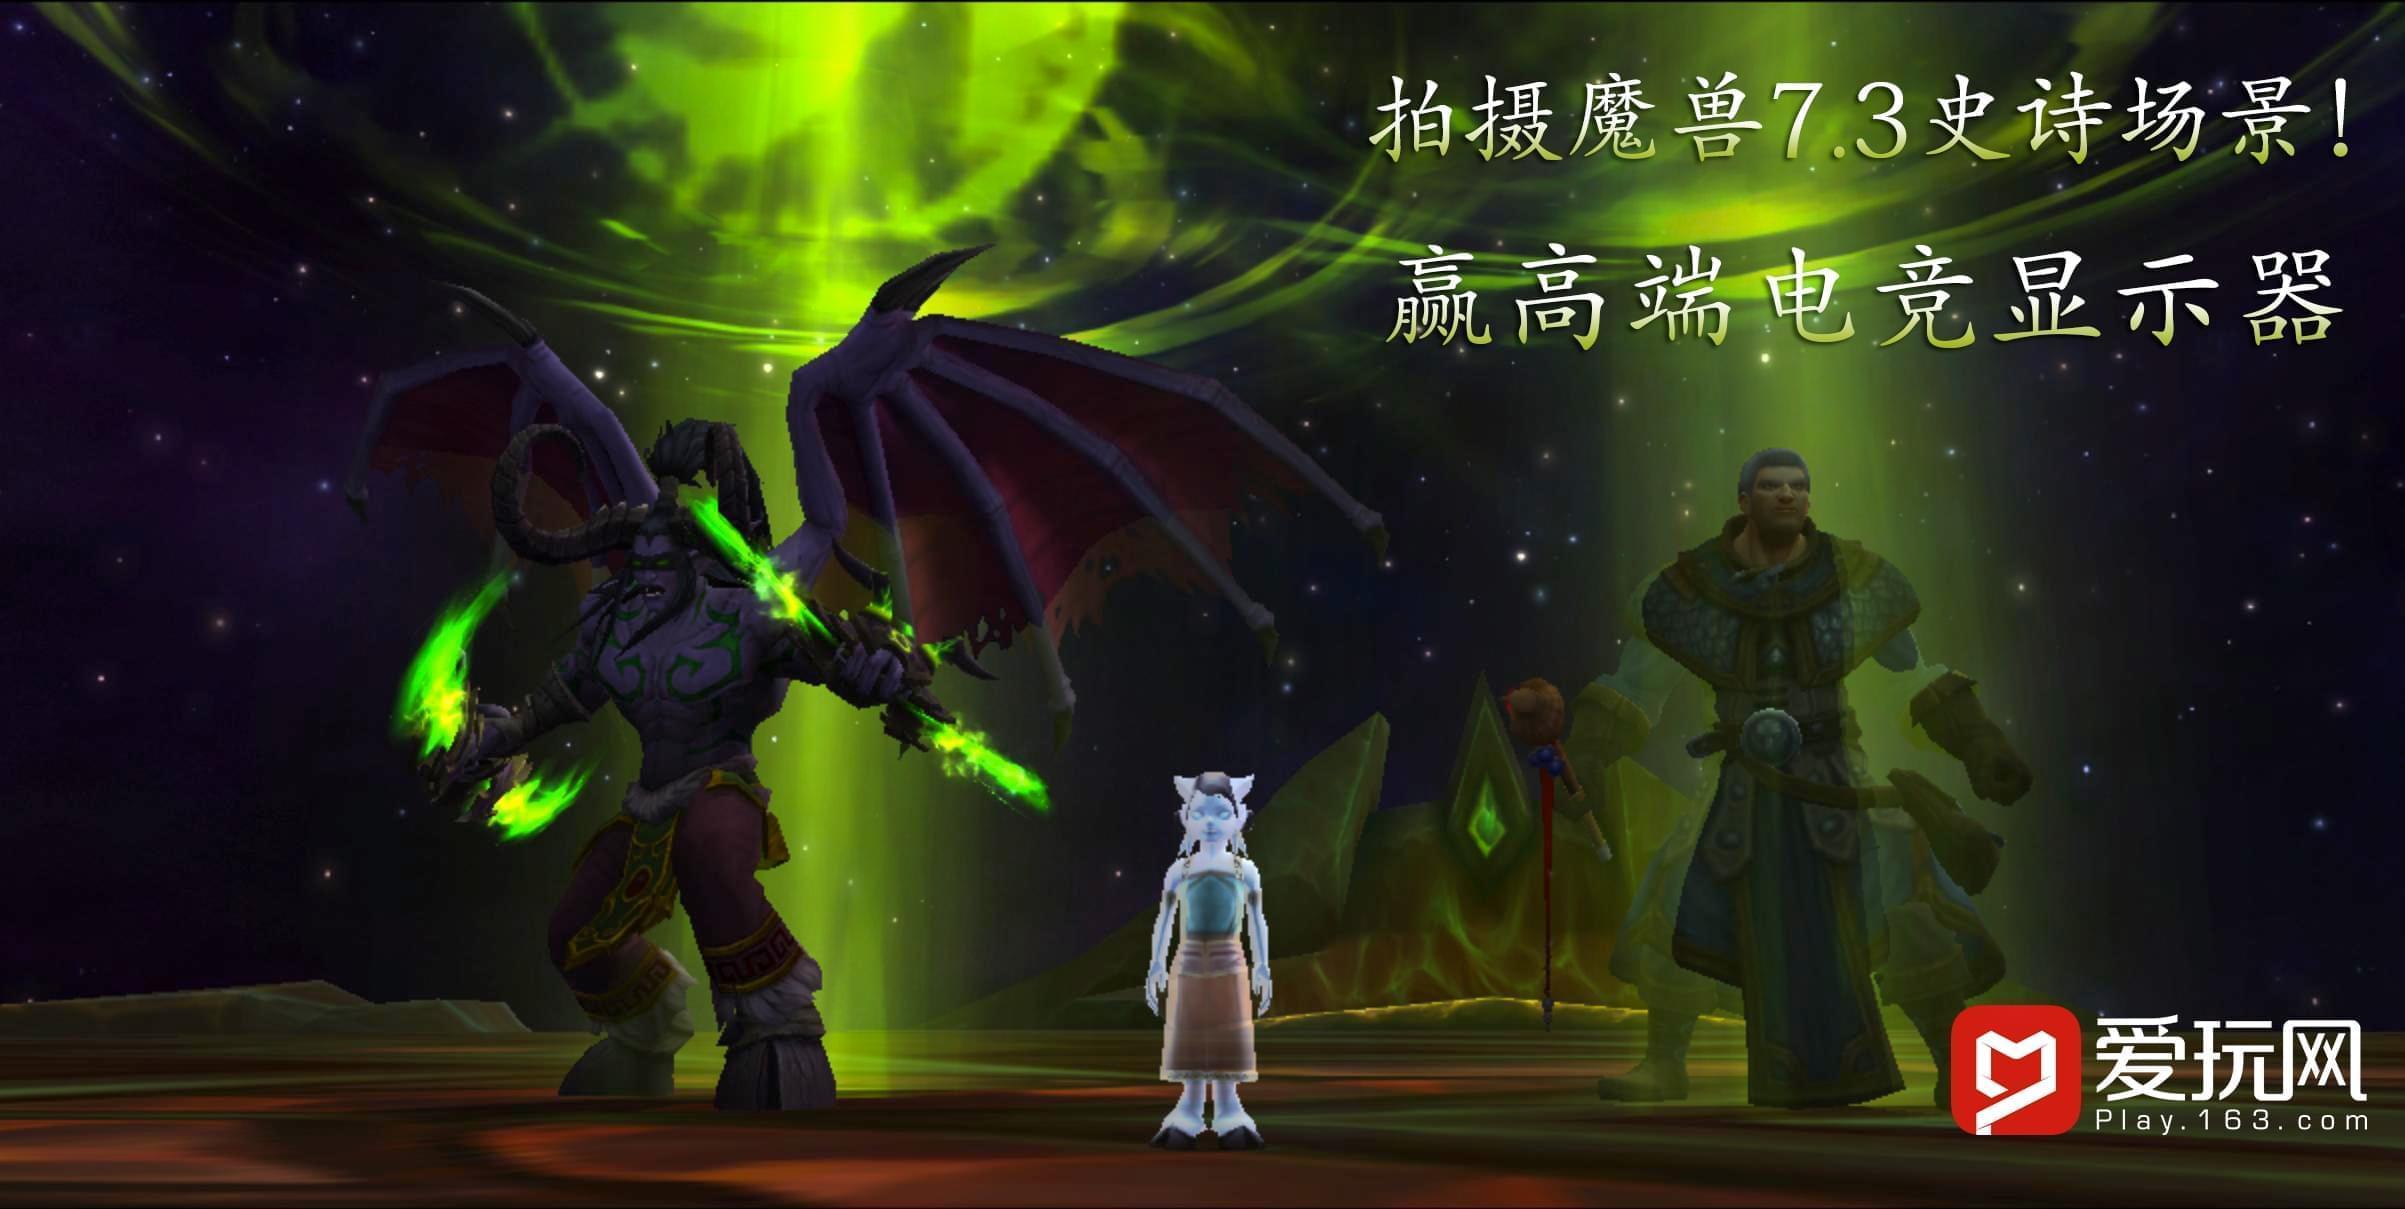 活动:开启魔兽阿古斯冒险之旅 赢高端电竞显示器